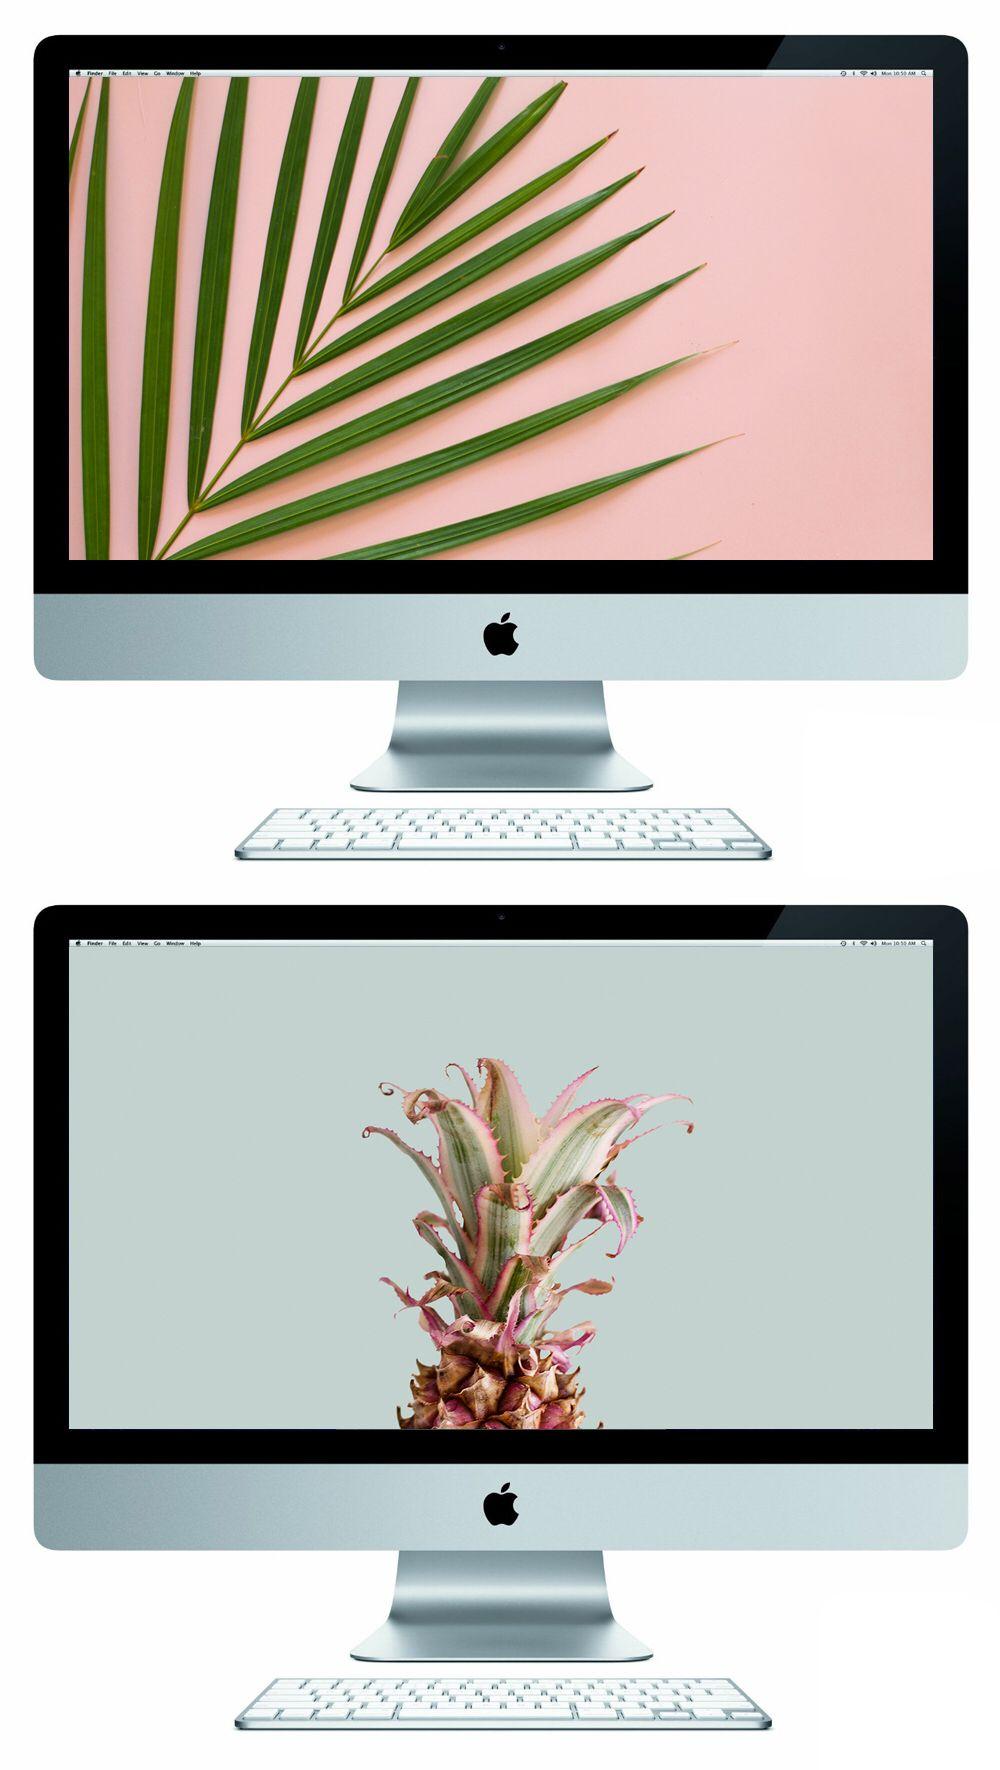 Free Summer Desktop Wallpapers Desktop Wallpaper Summer Imac Wallpaper Desktop Wallpaper